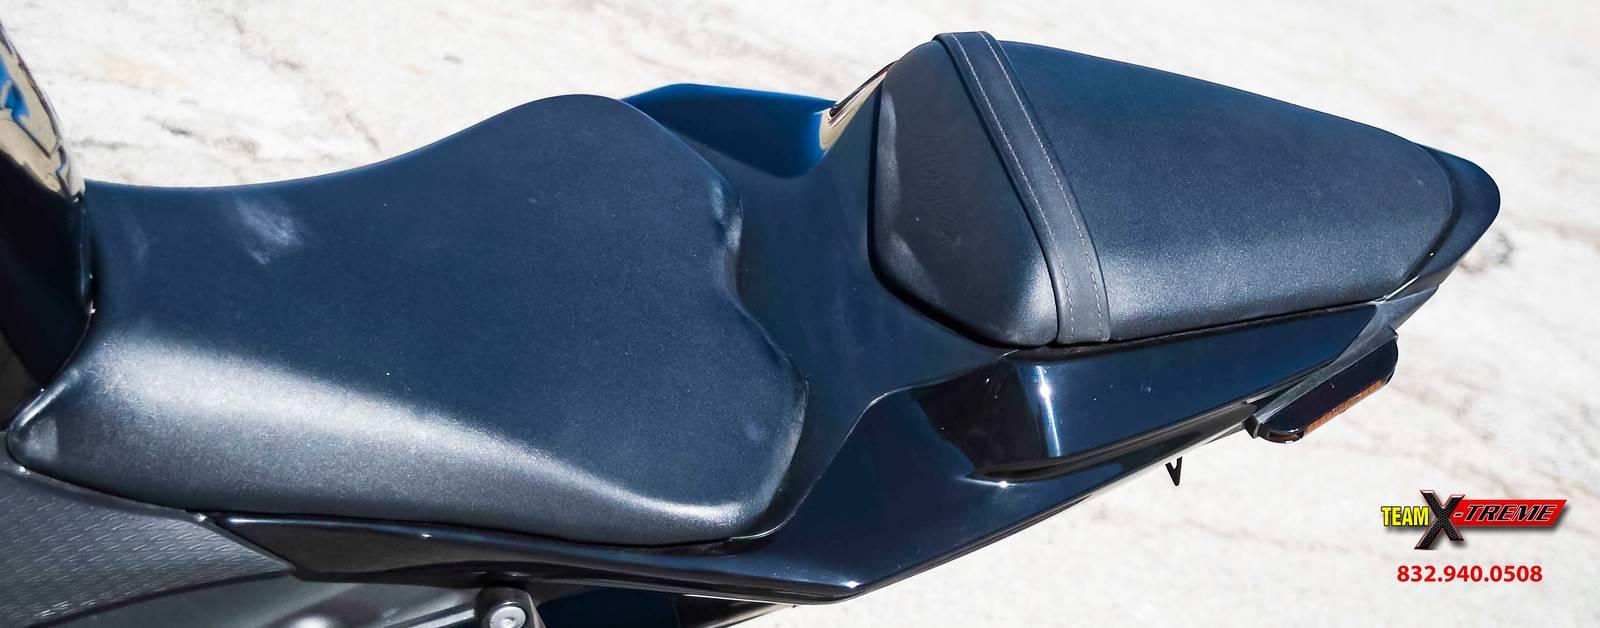 2009 Kawasaki Ninja ZX-6R 10